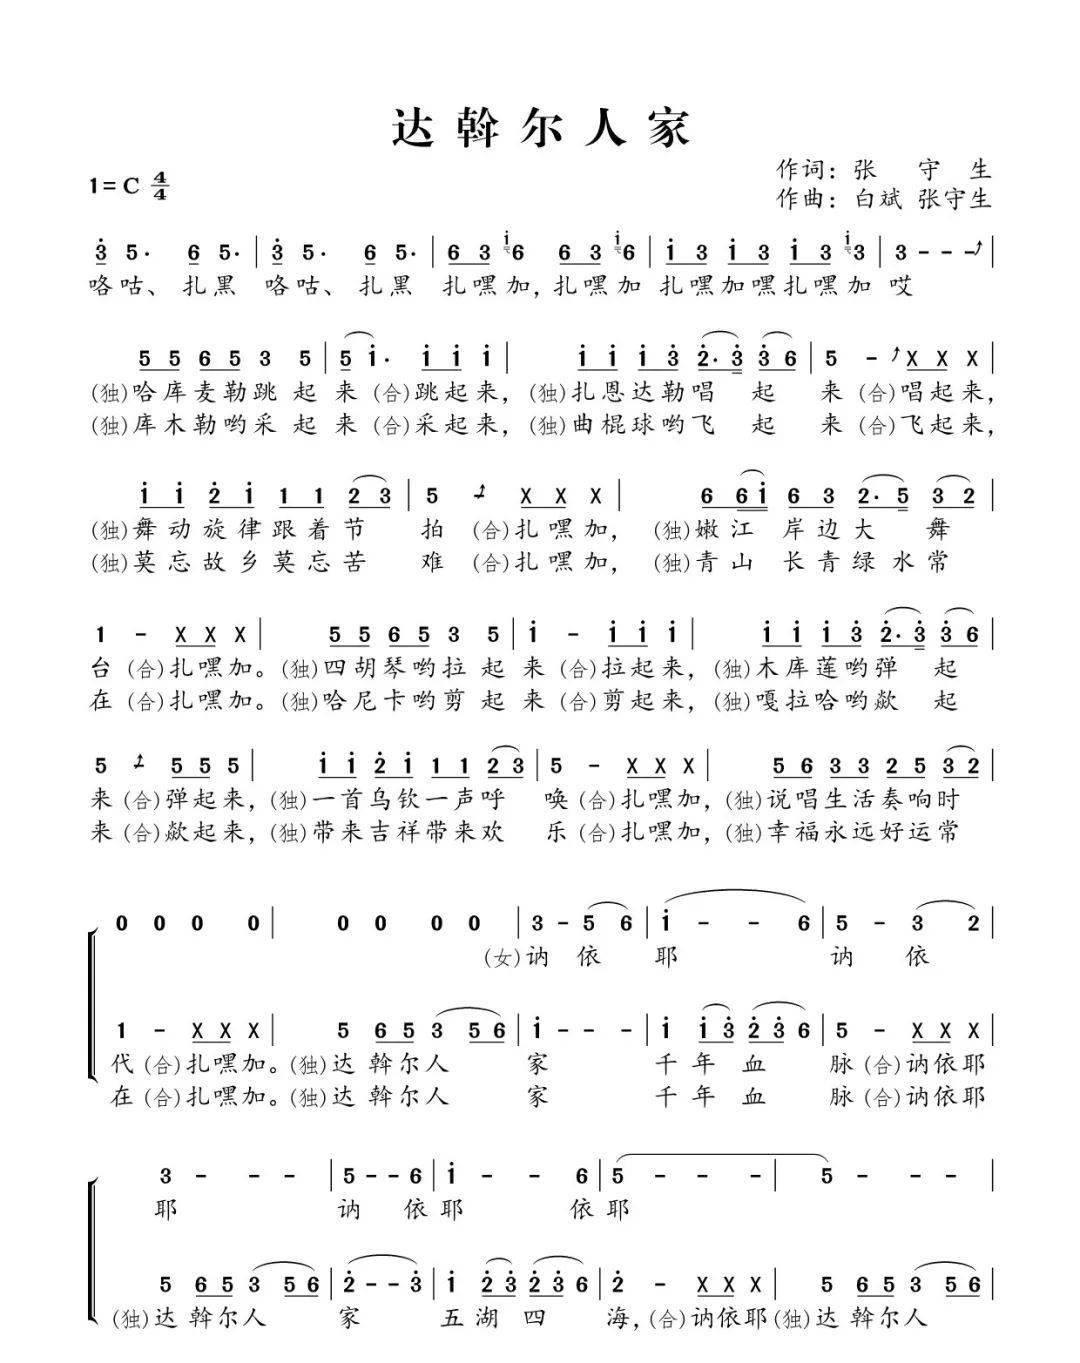 【民族同心】男声合唱《达斡尔人家》/作词:张守生 作曲:张守生 白斌 演唱:刘征 等